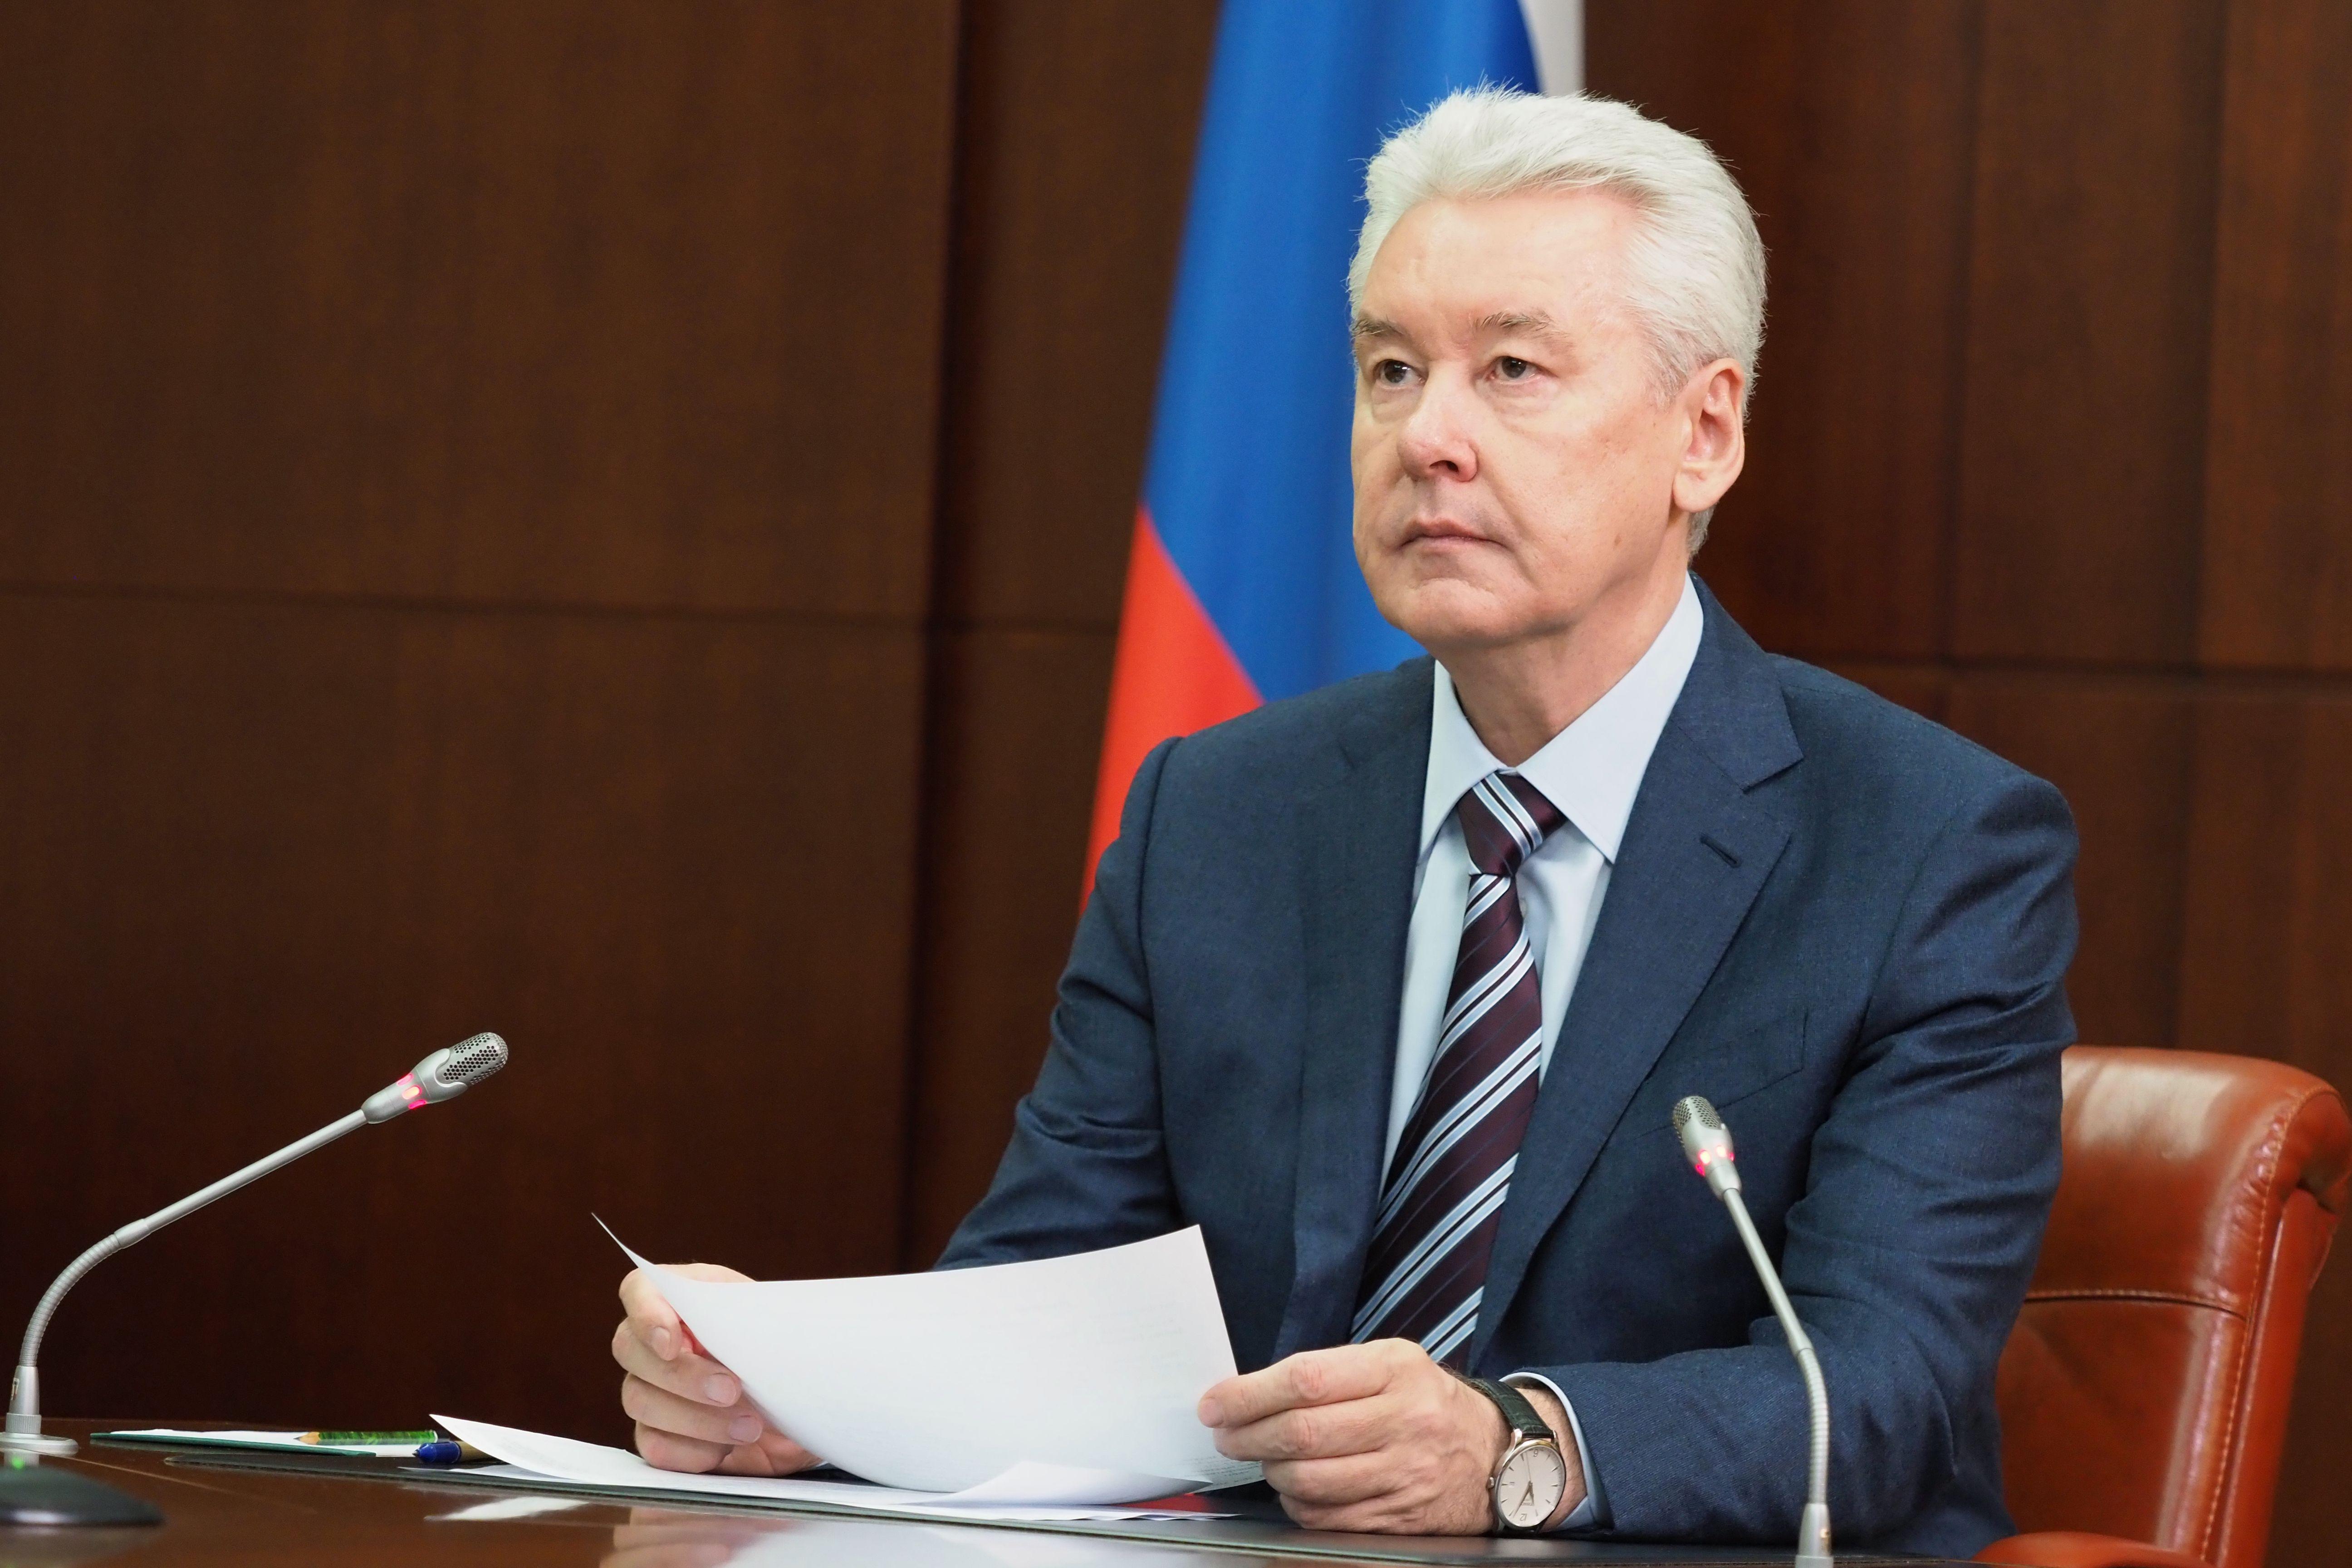 Сергей Собянин дал старт проходке тоннеля Большой кольцевой линии